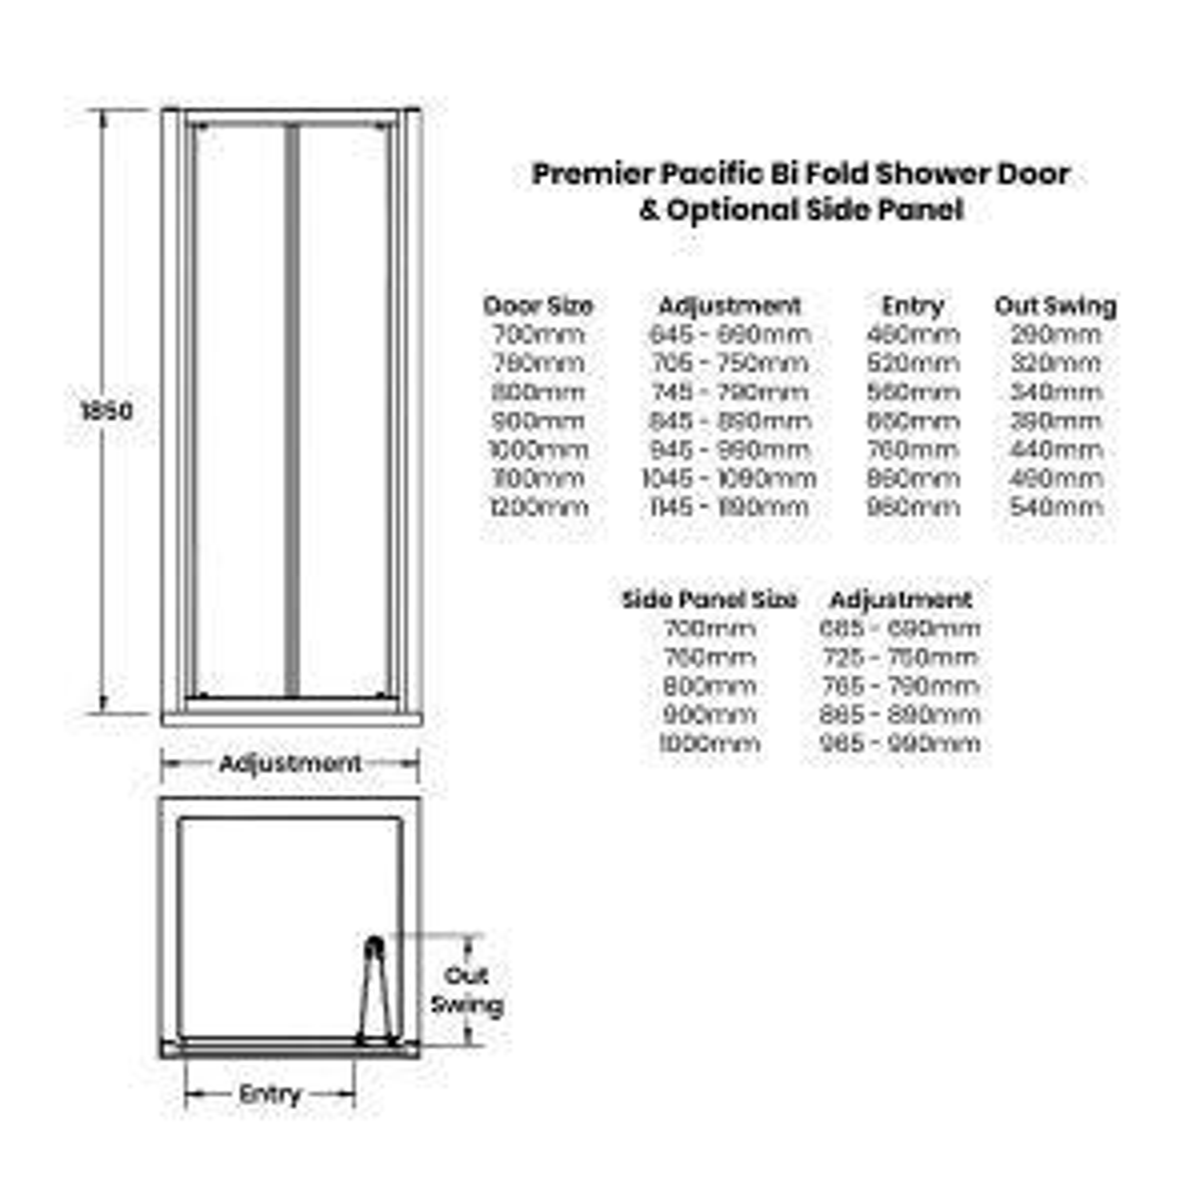 Premier Pacific Bi Fold Shower Enclosure Dimensions